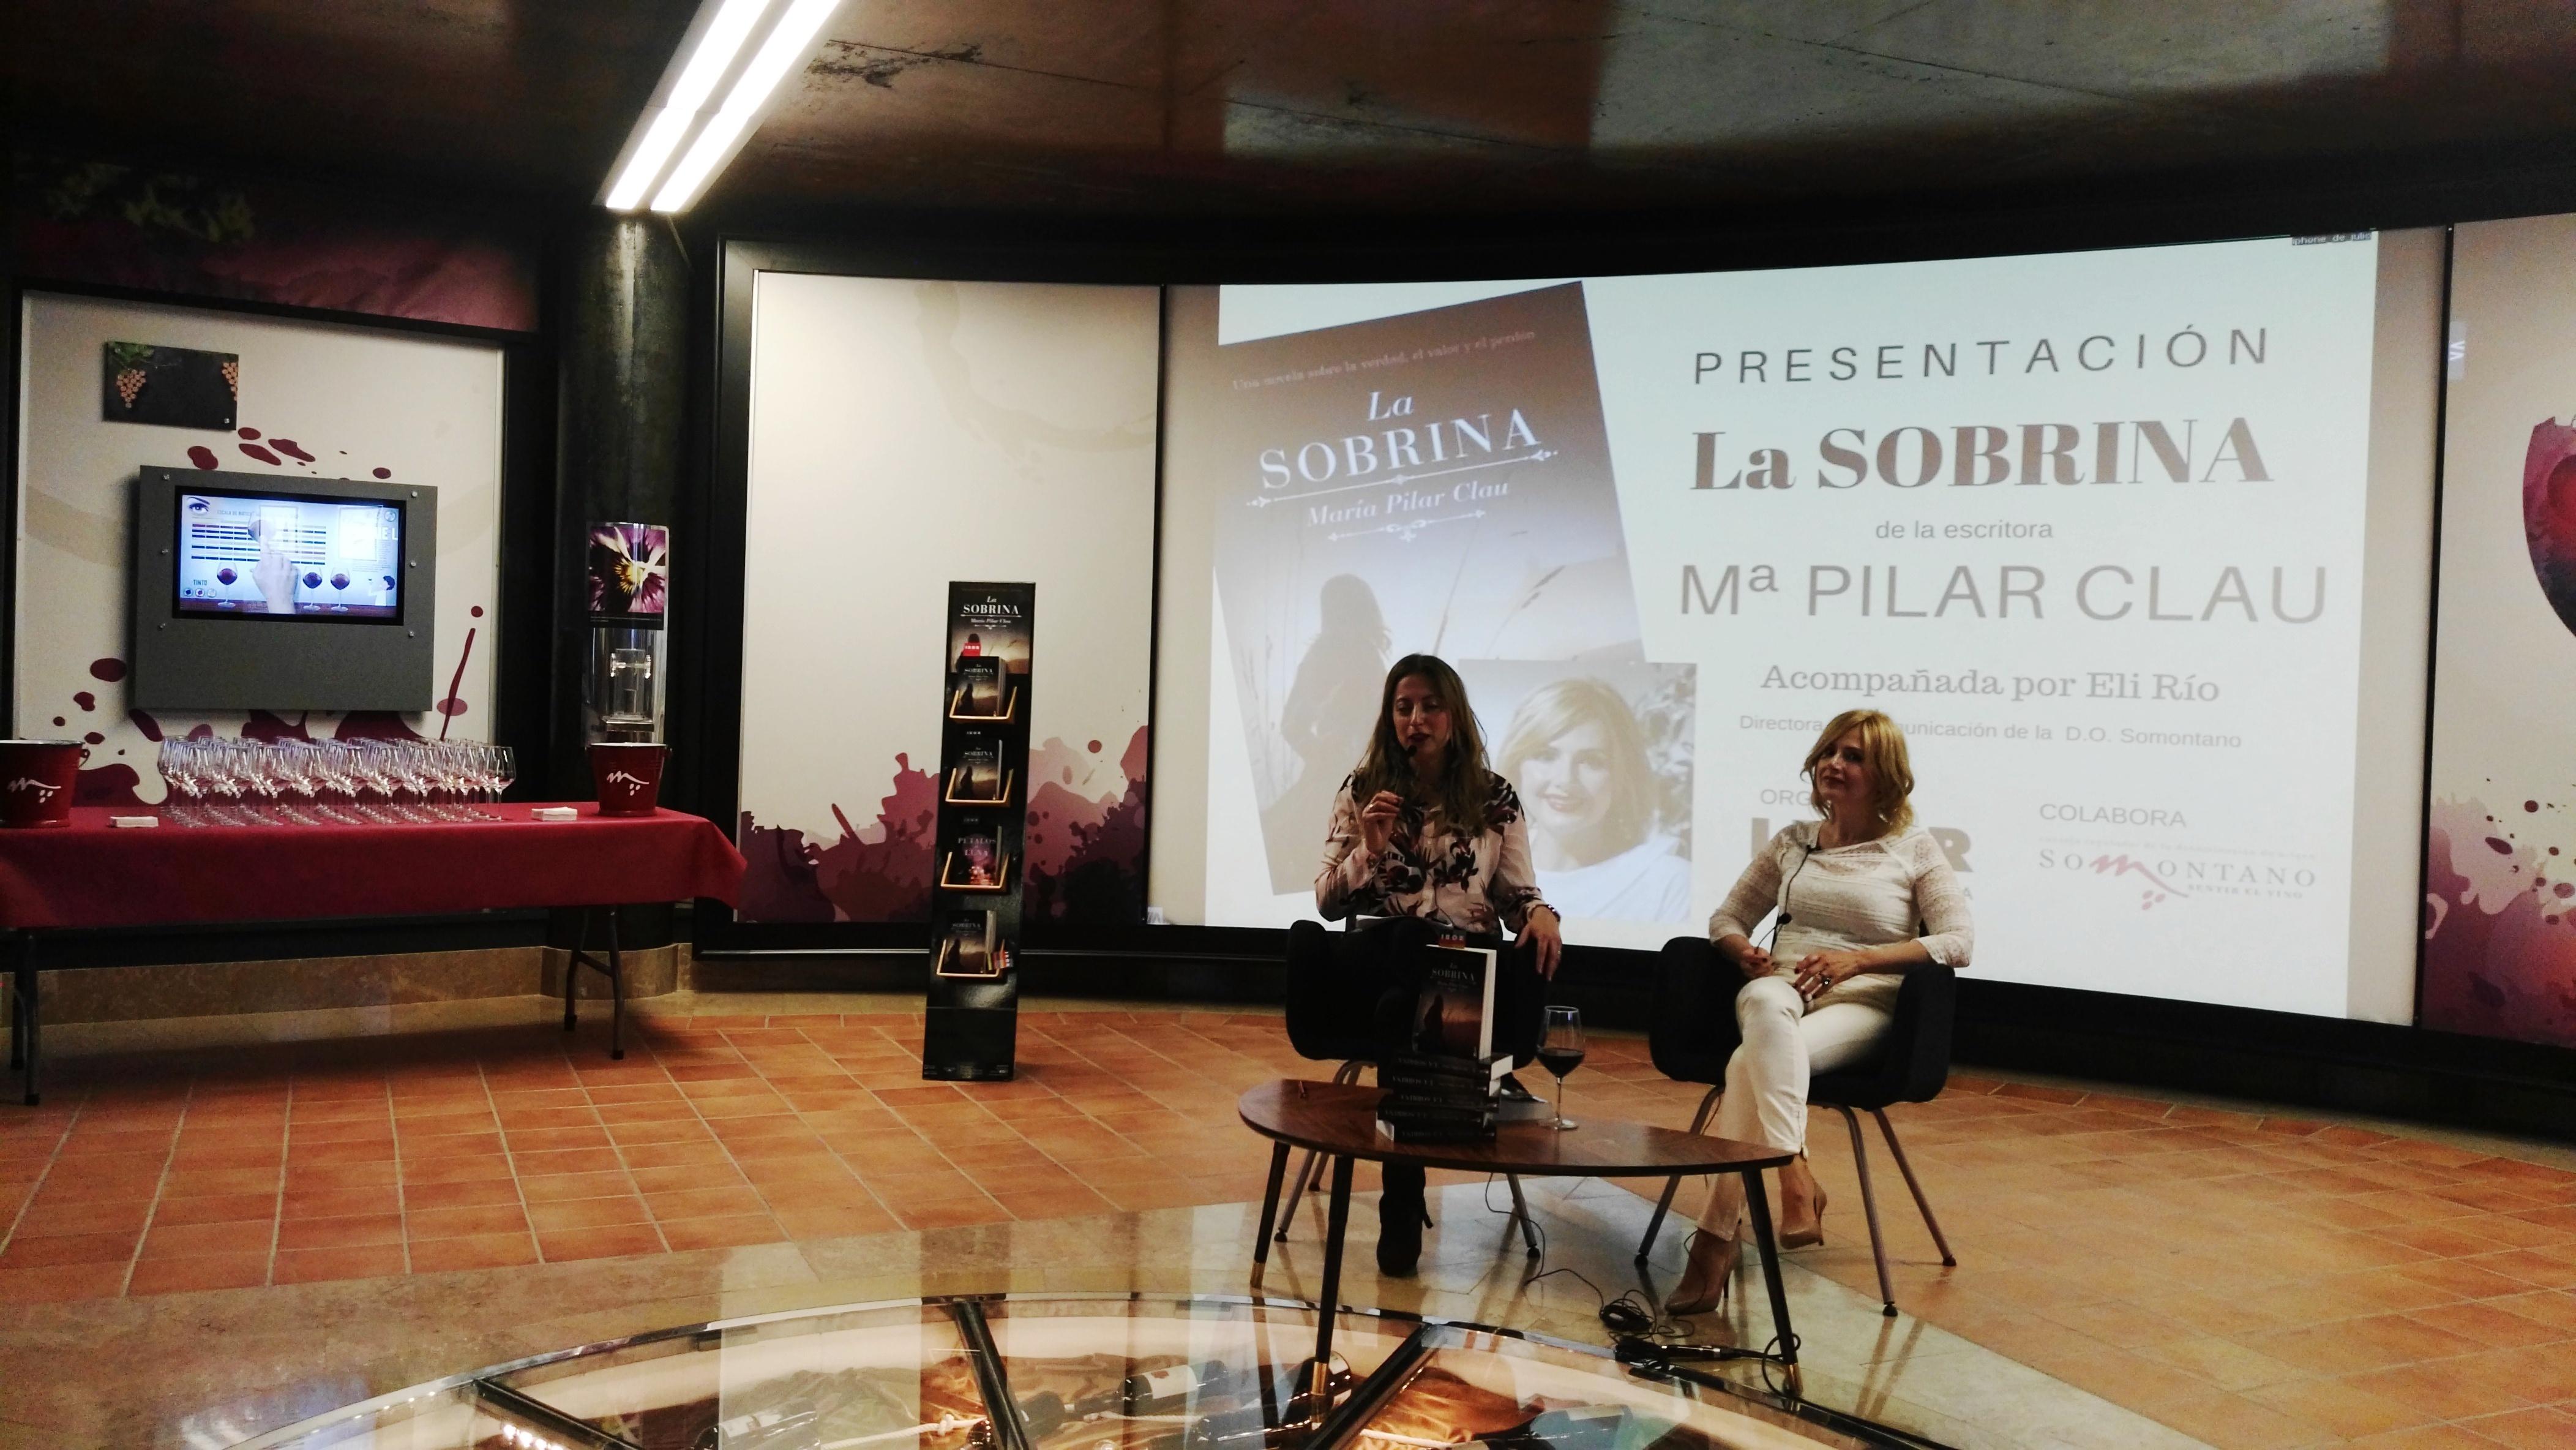 Presentación de La sobrina, María PIlar Clau en Barbastro